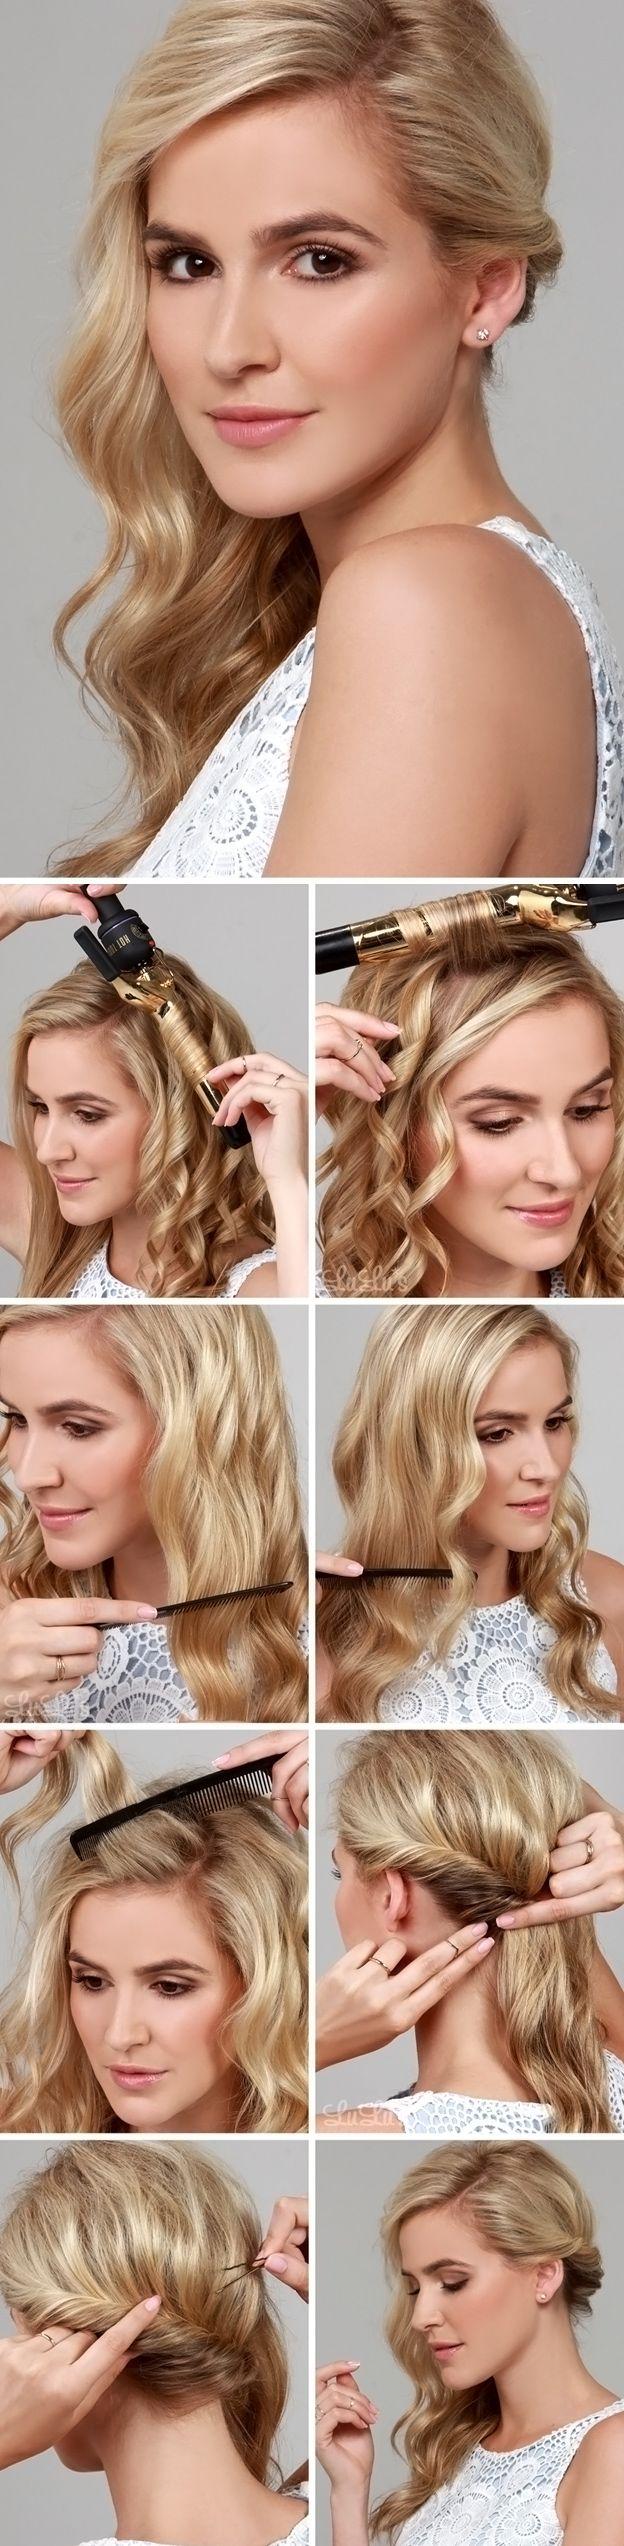 3 Cute Hairstyle Tutorials for Medium Length Hair